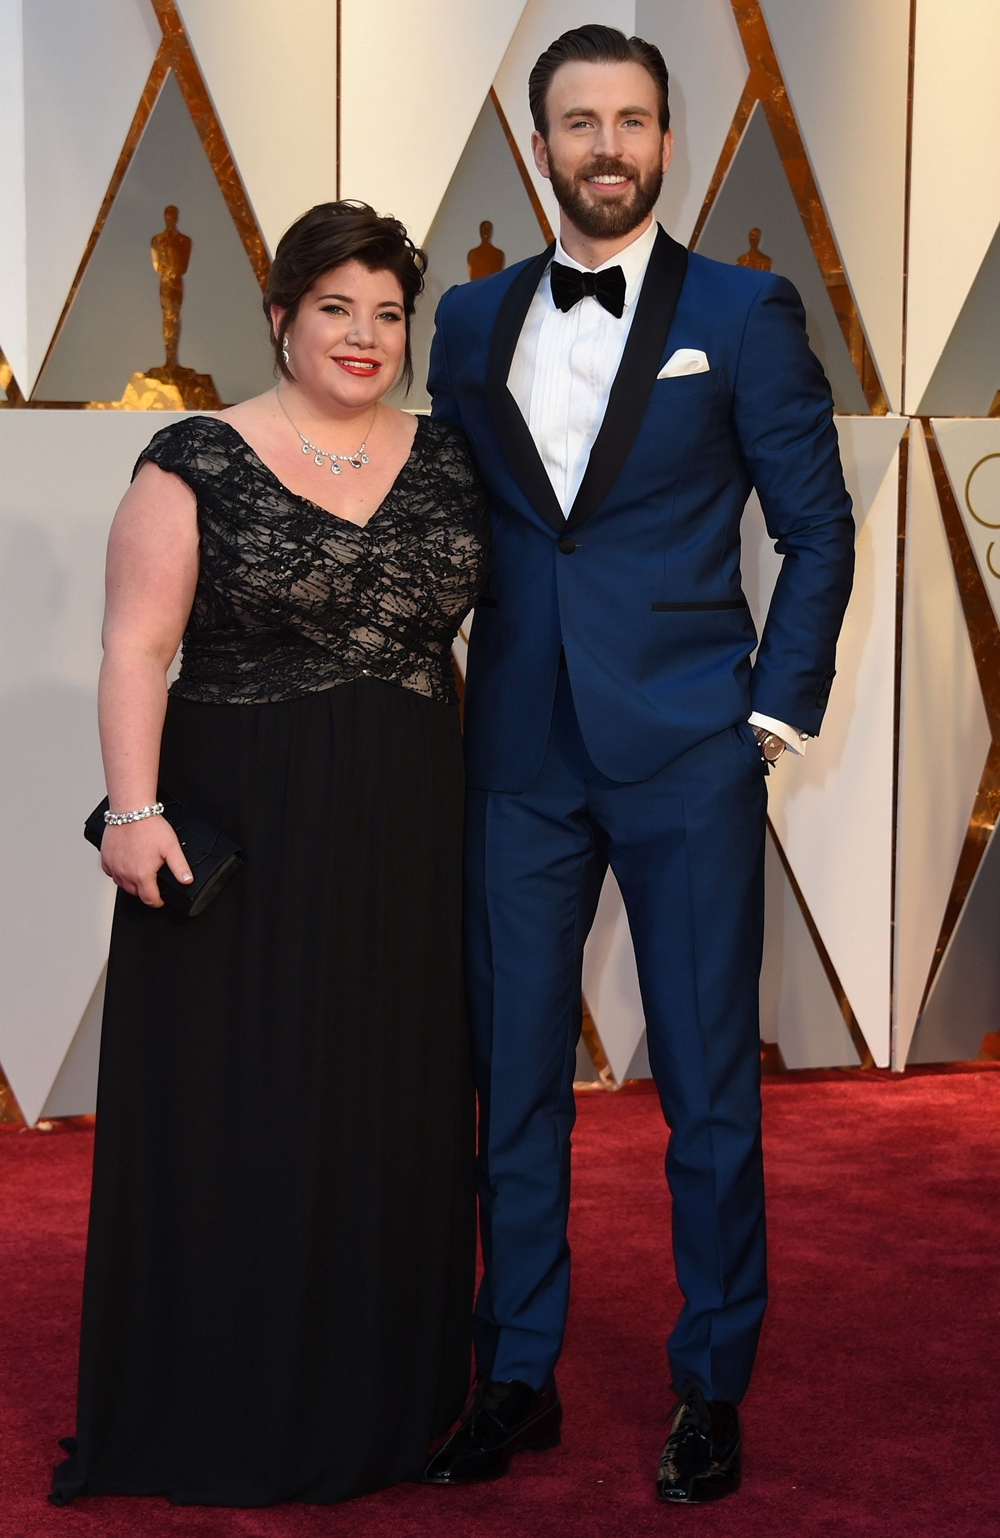 Tài tử trở lại phong cách quen thuộc tại lễ trao giải Oscar 2017 gồm tuxedo xanh, ve áo đen của Salvatore Ferragamo. Anh phối khuy cài, đồng hồ Montblanc và giày Christian Louboutin .